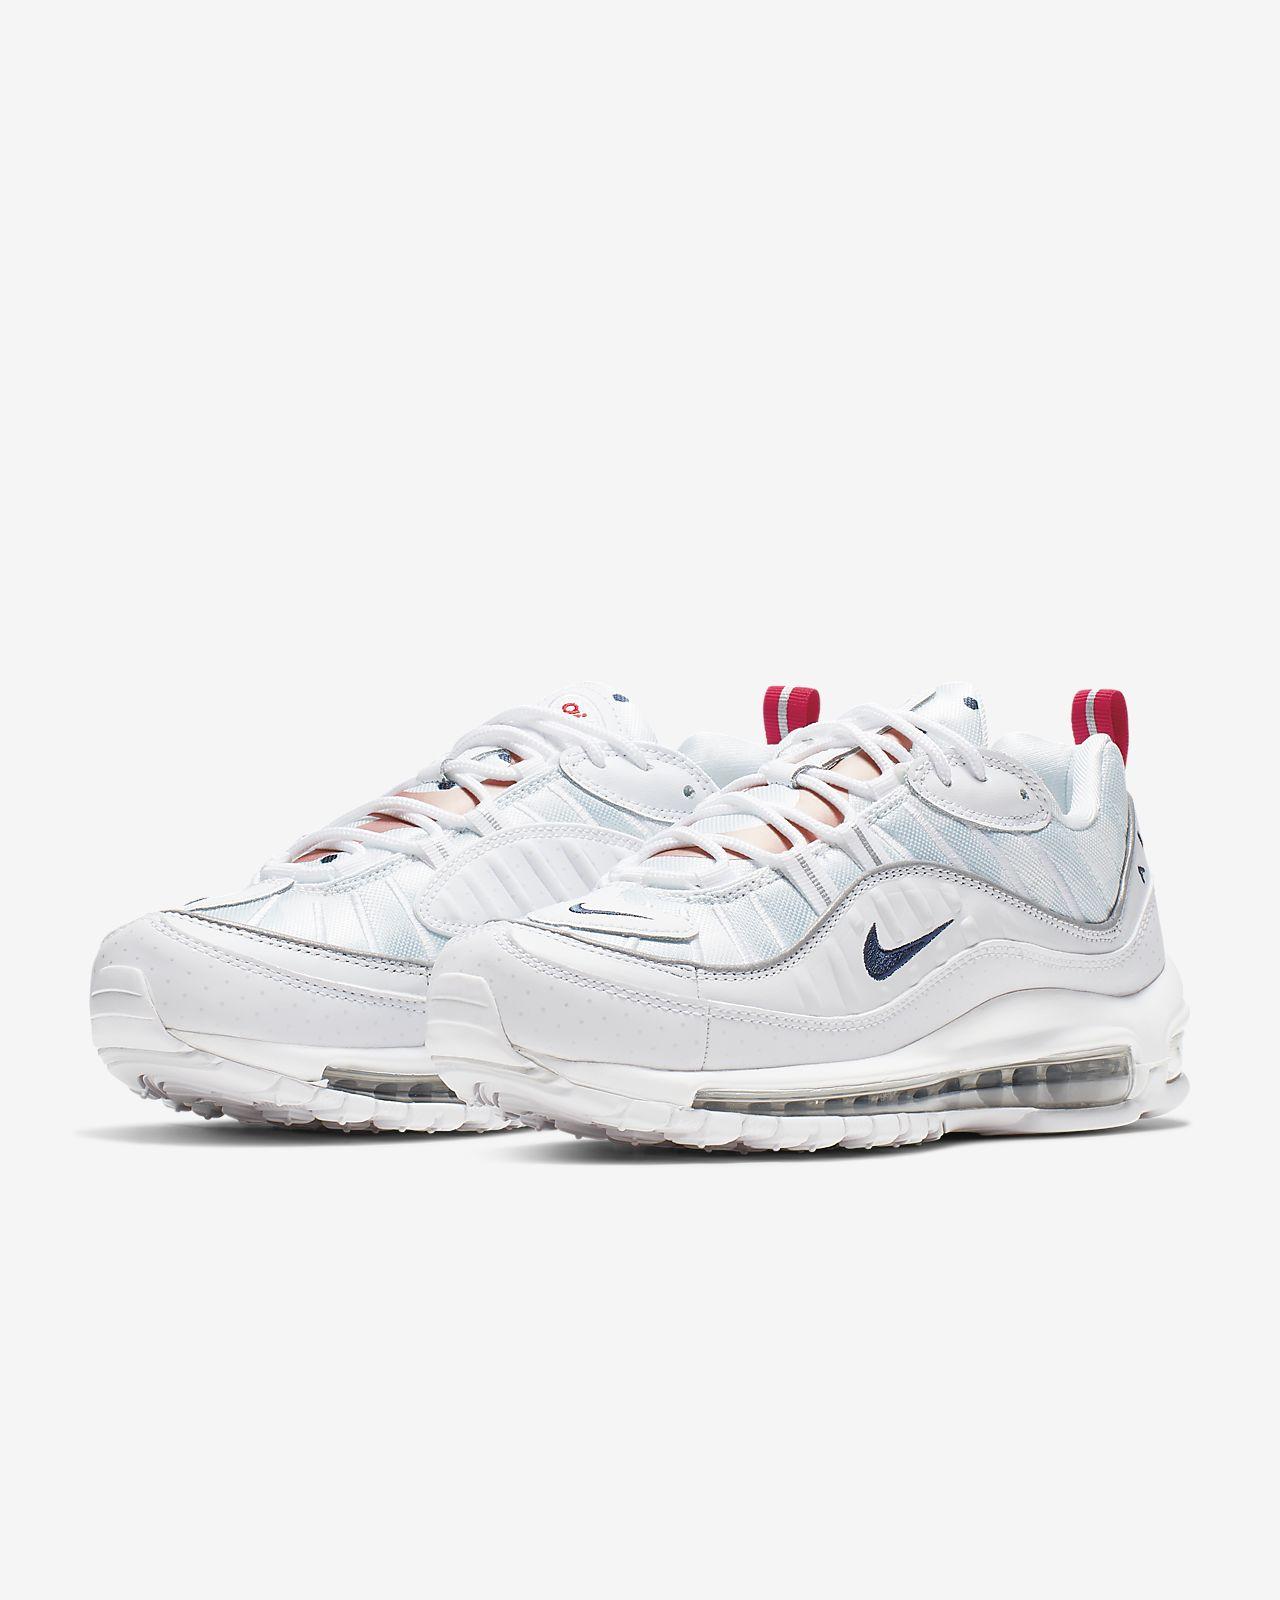 personnaliser chaussure nike air max